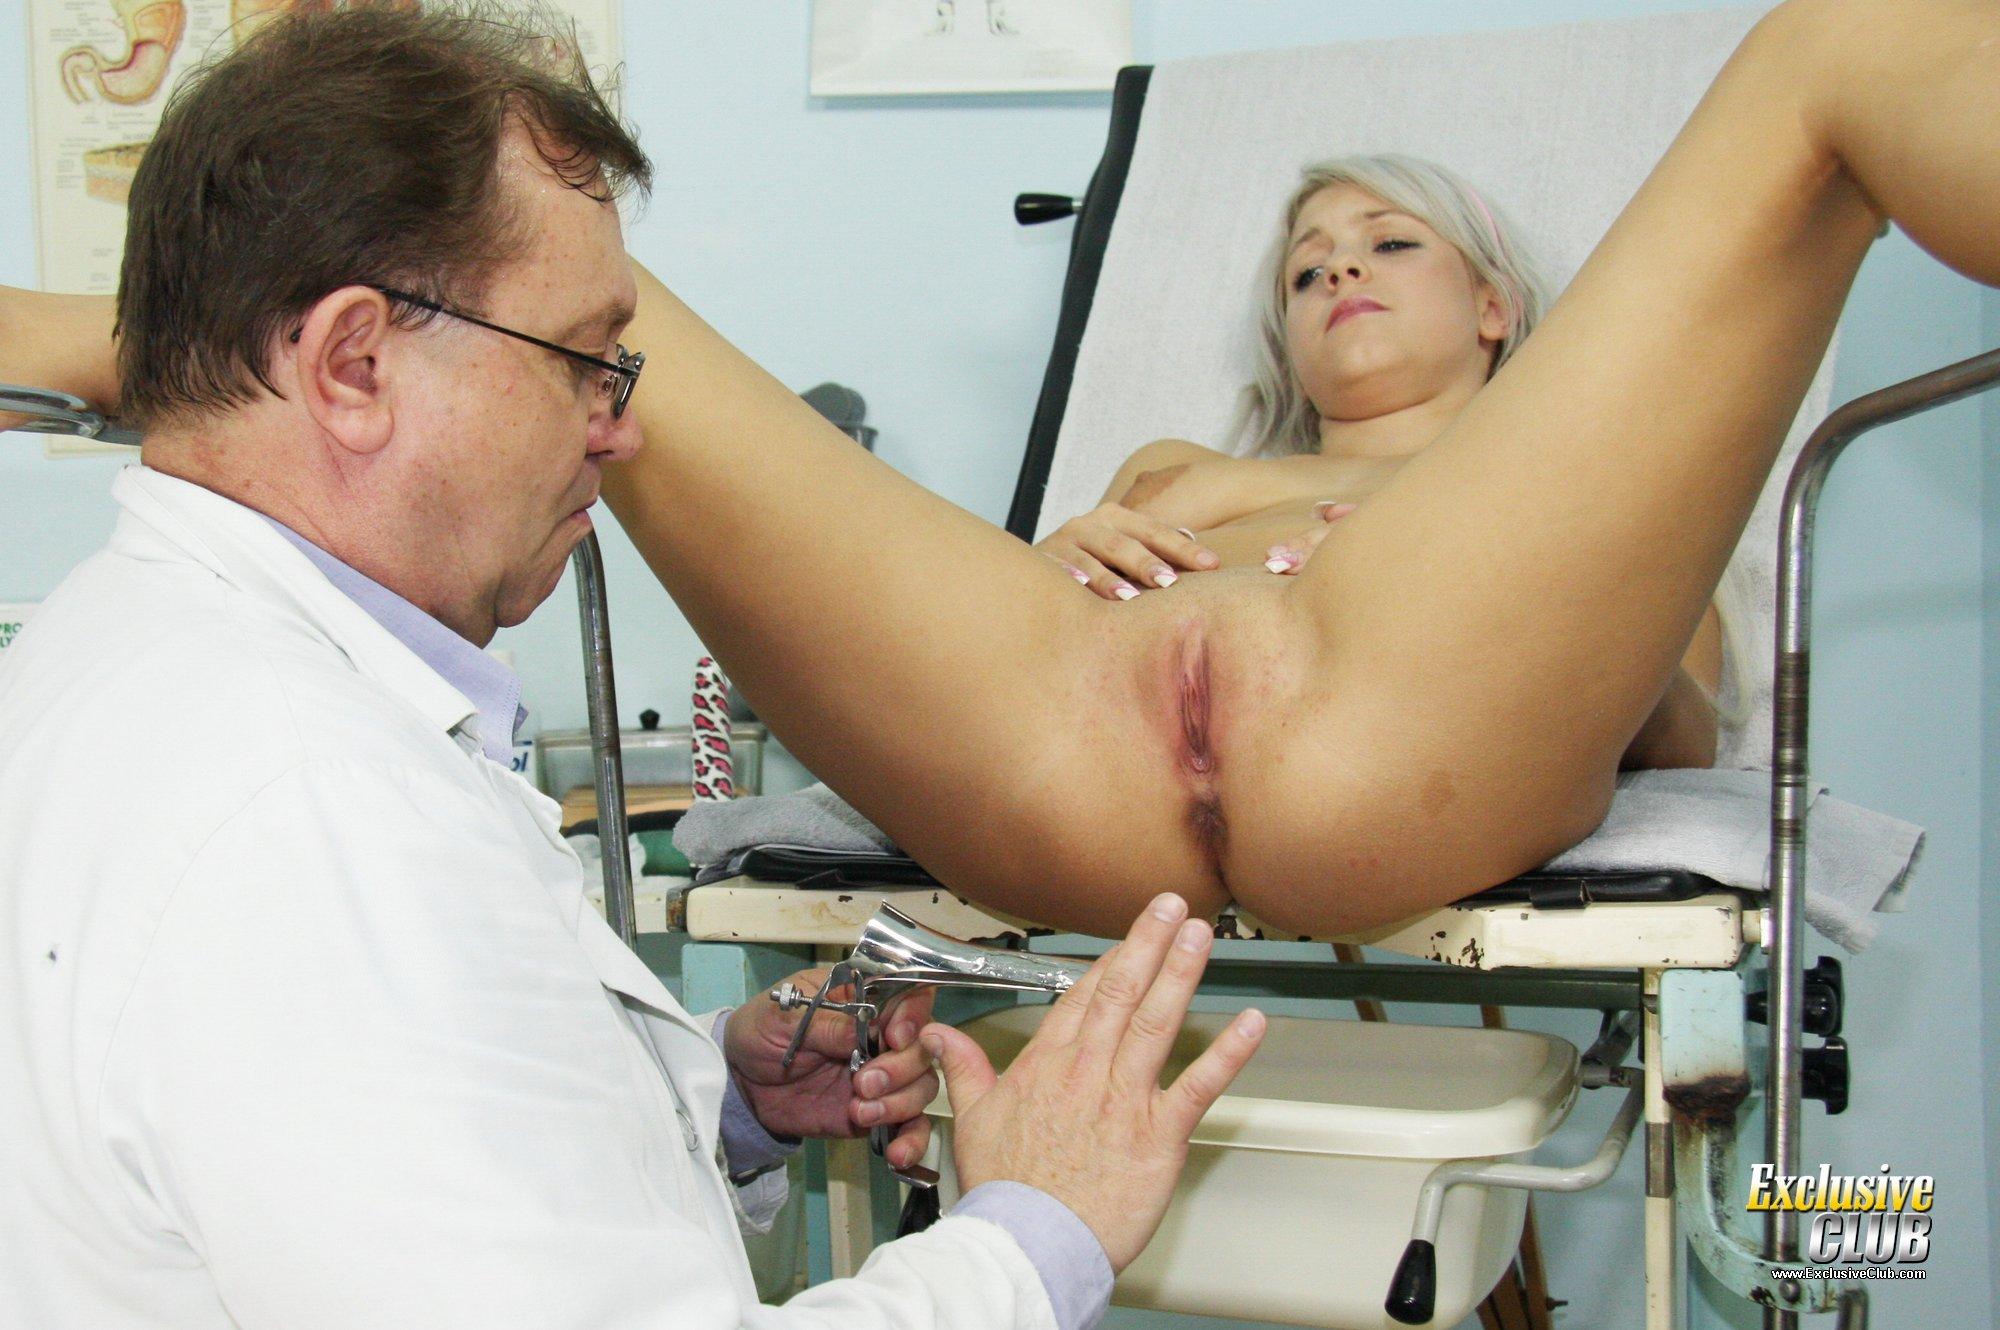 порно у гениколога обанули студенкц иотрахали в киску